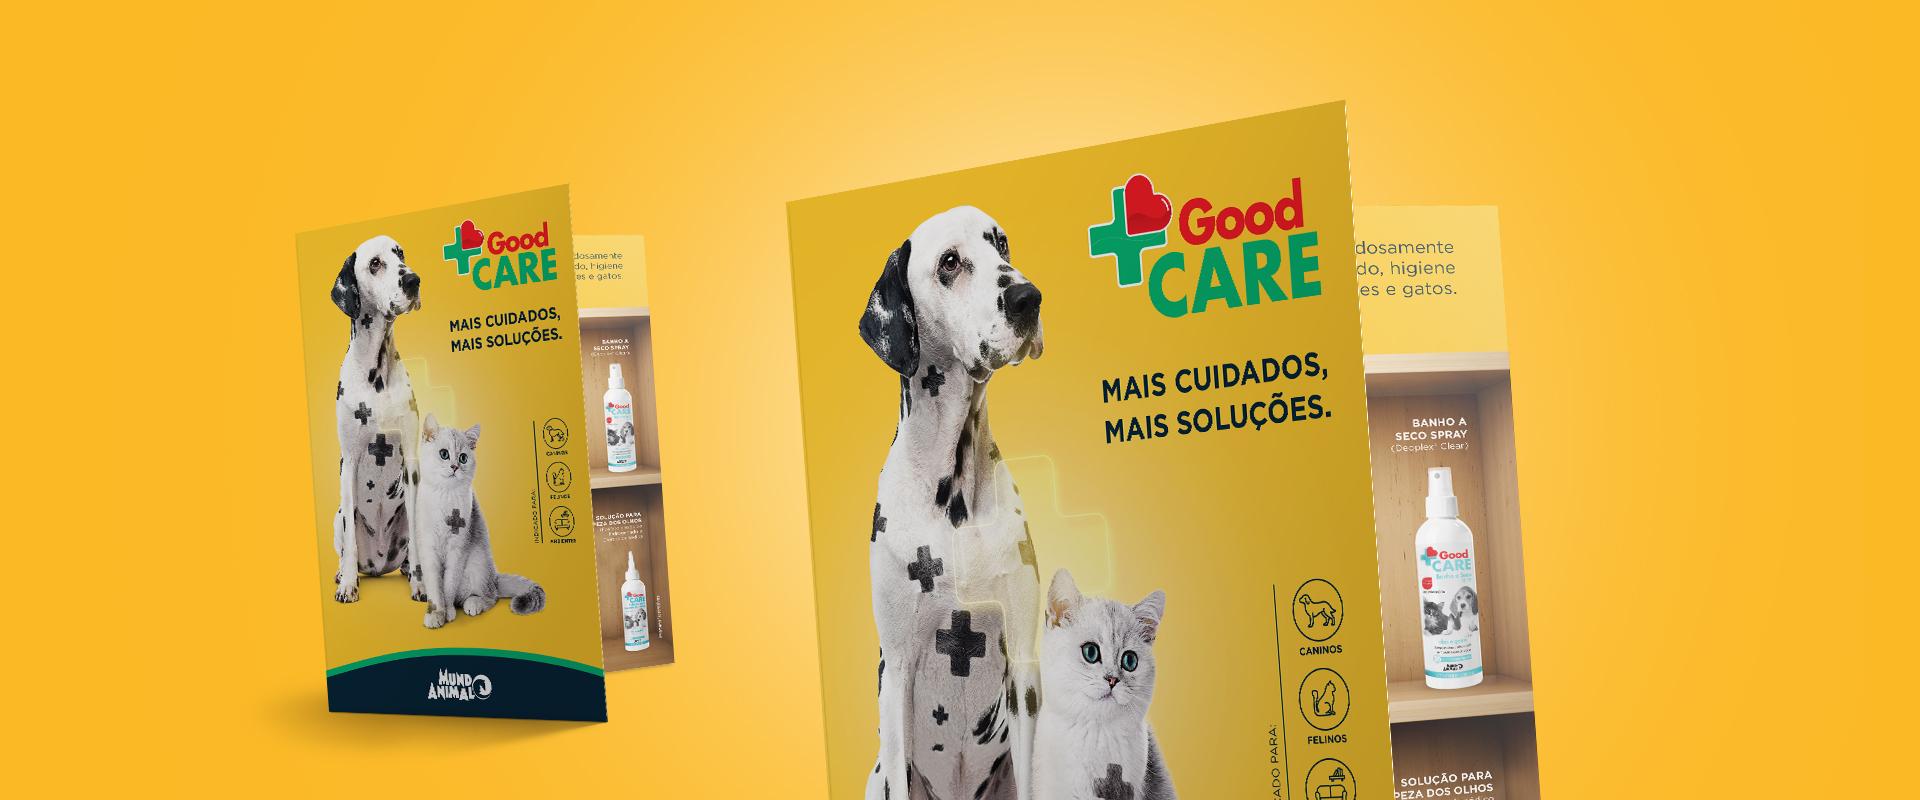 Campanha Good Care